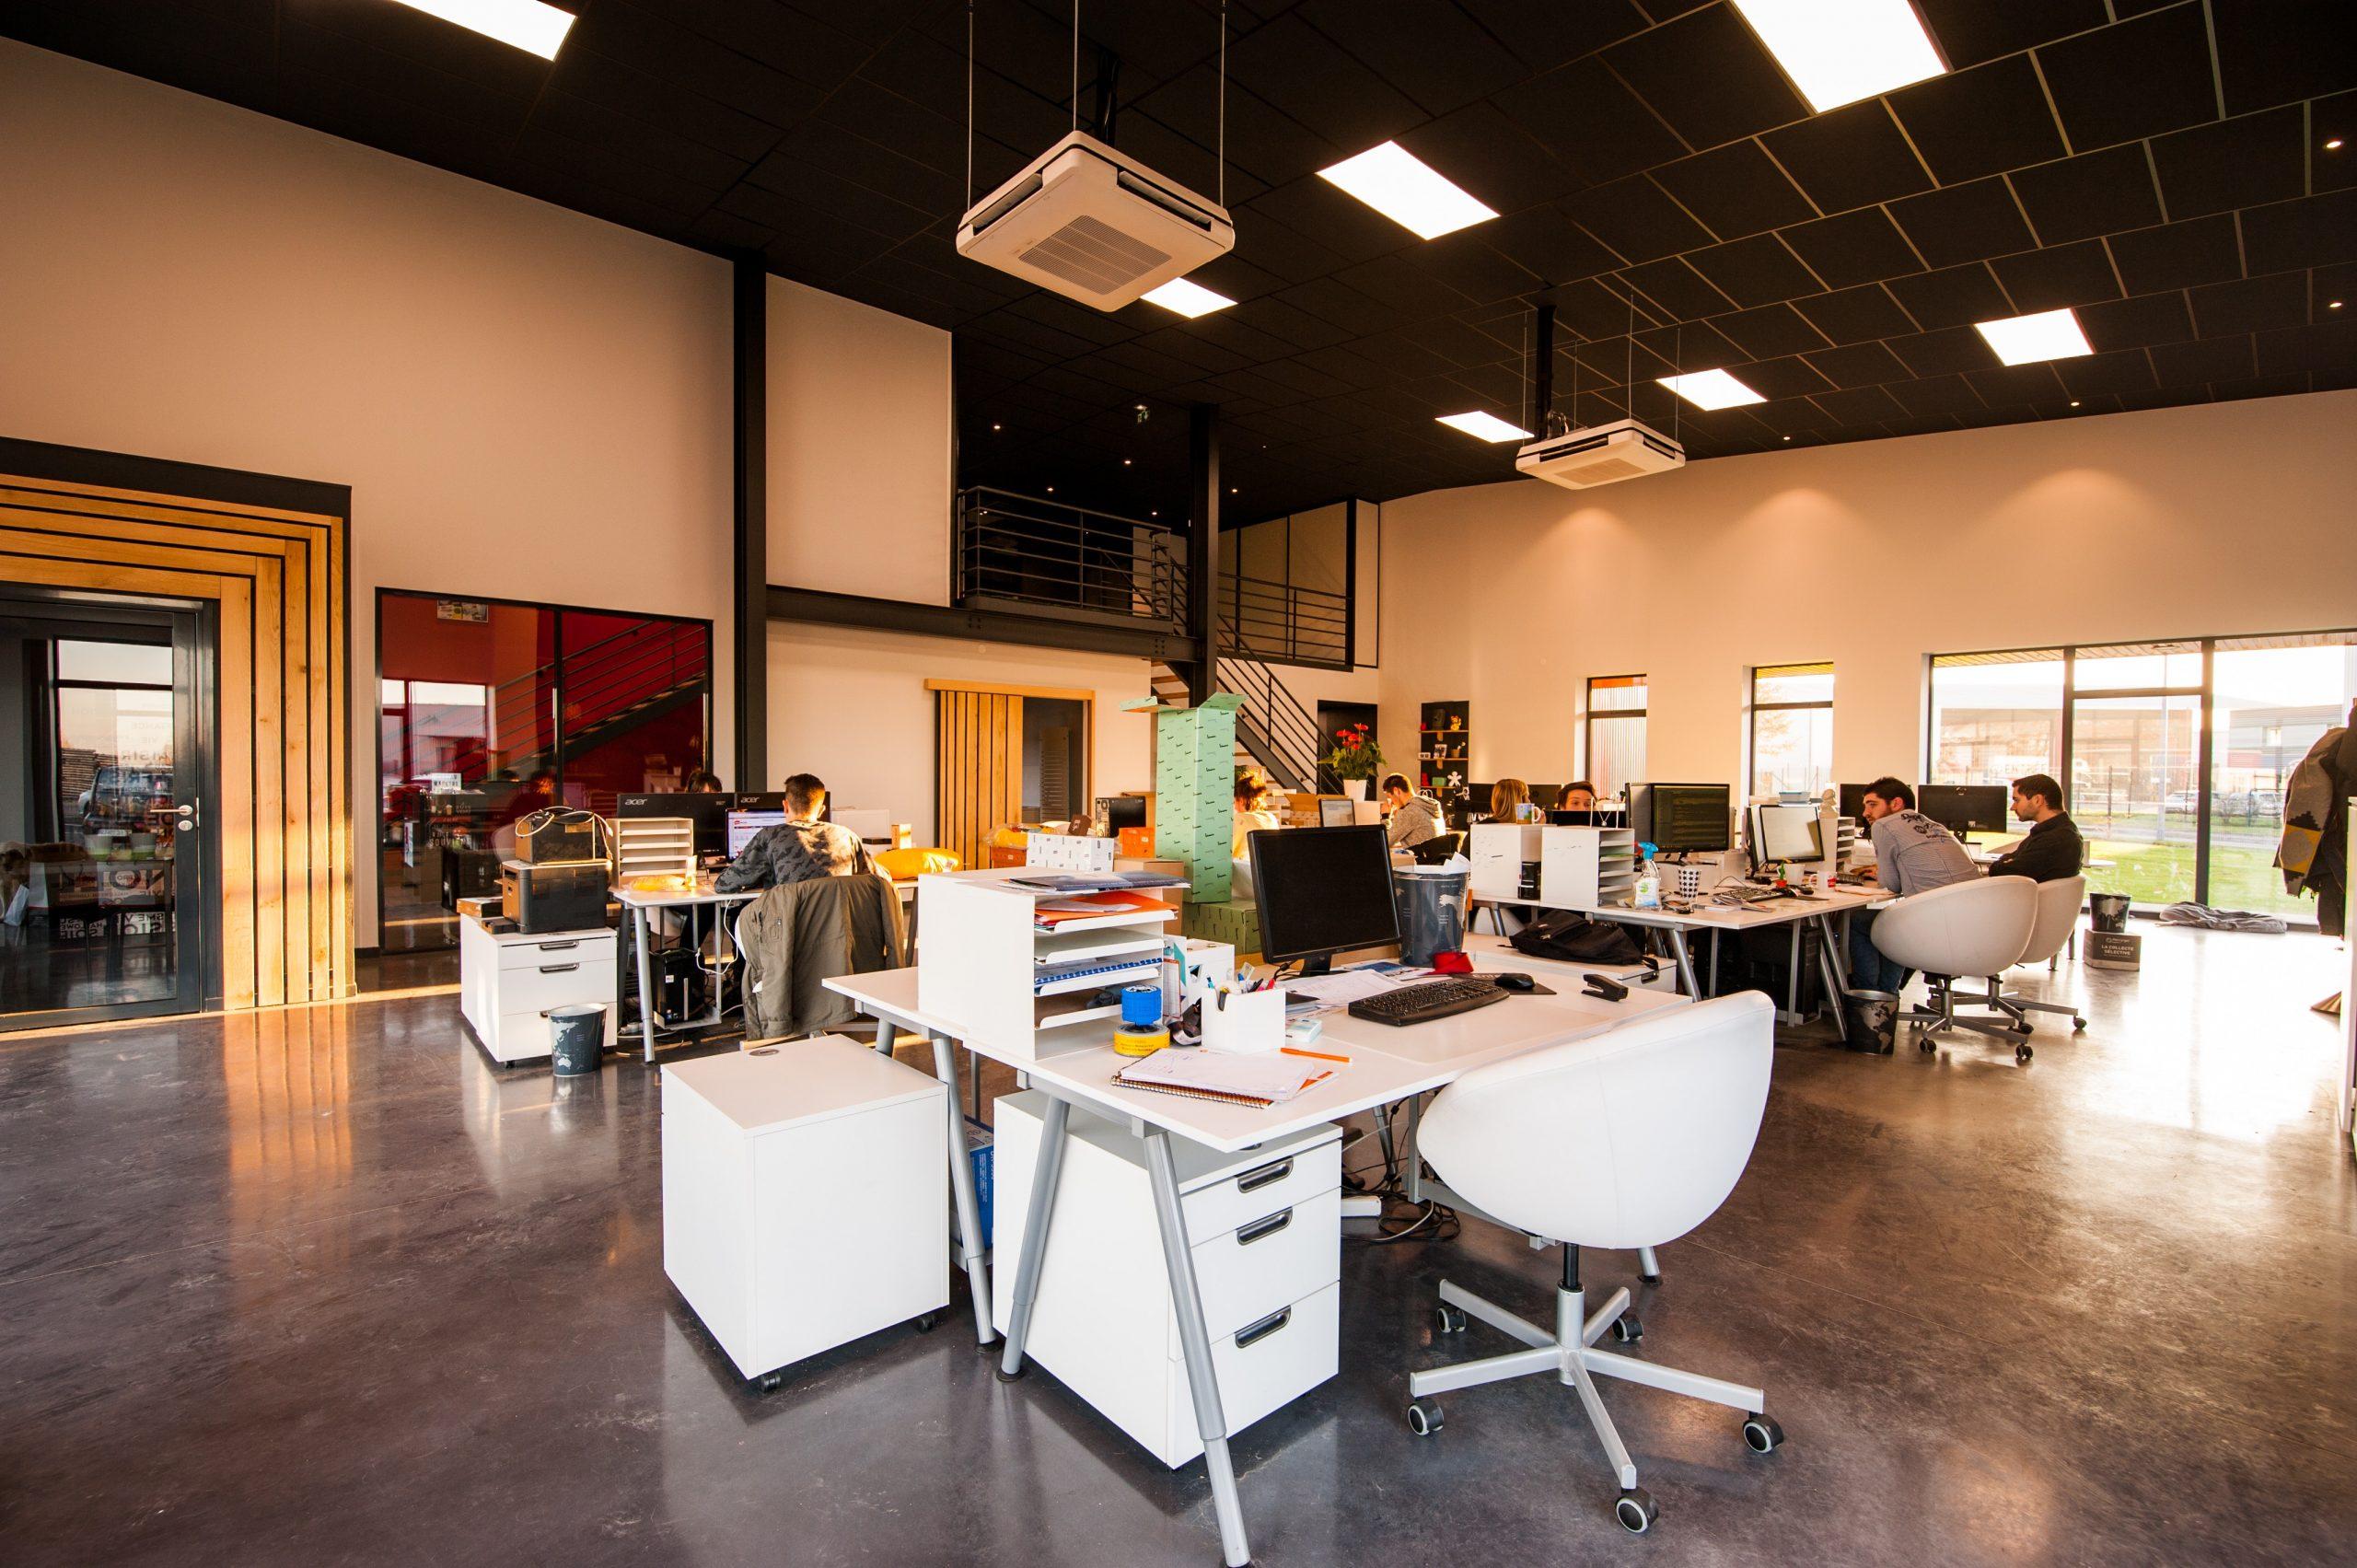 GreenSpace Coworking Business Coworking Via del Lavoro, 8, 50056 Montelupo Fiorentino FI